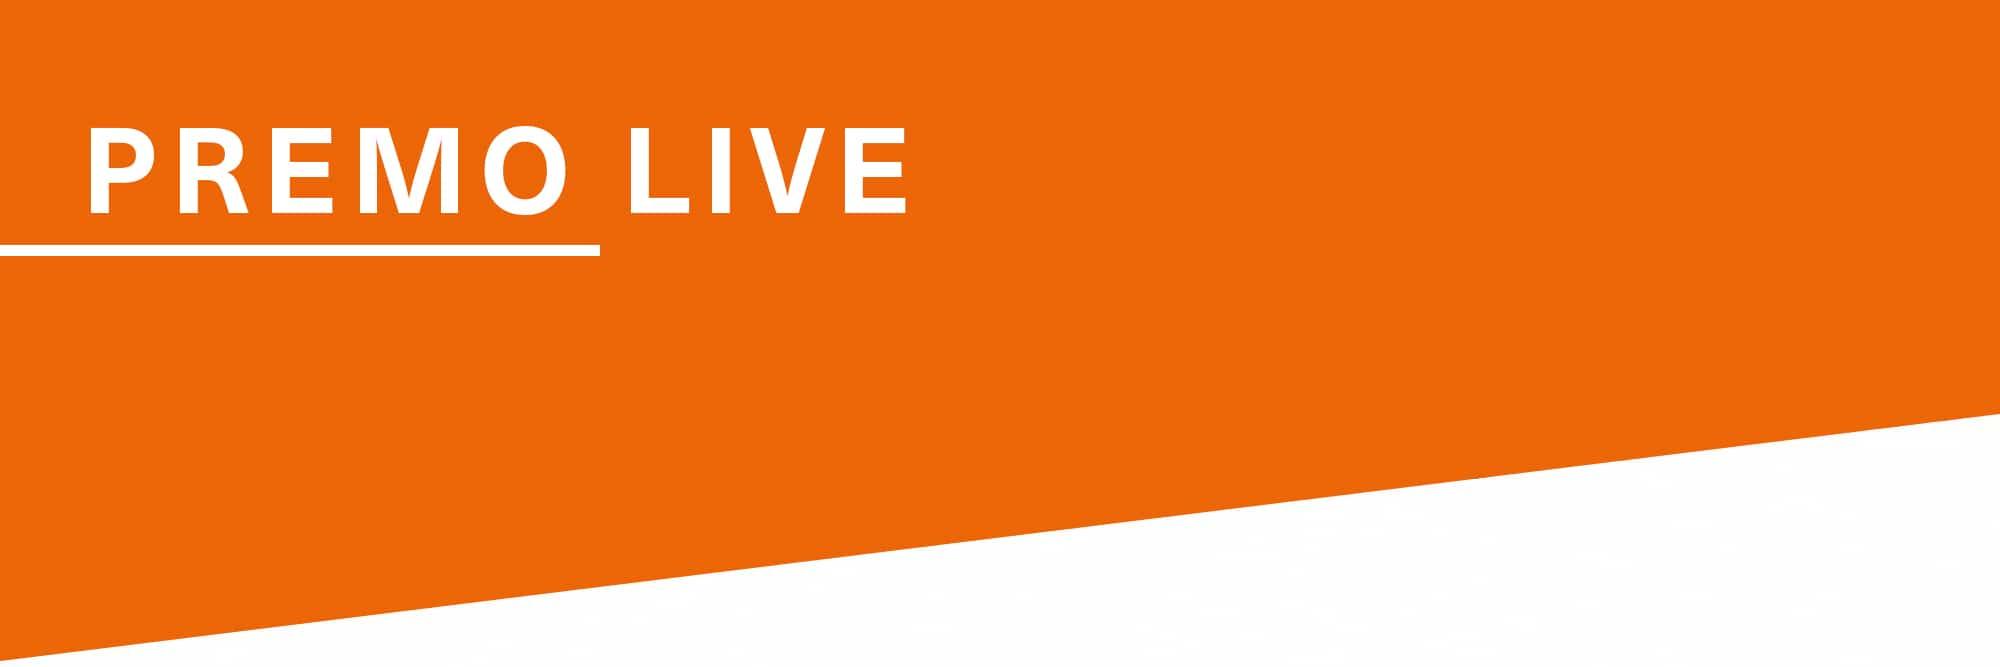 Premo Live Live-Produktberatung und Live Technik-Support